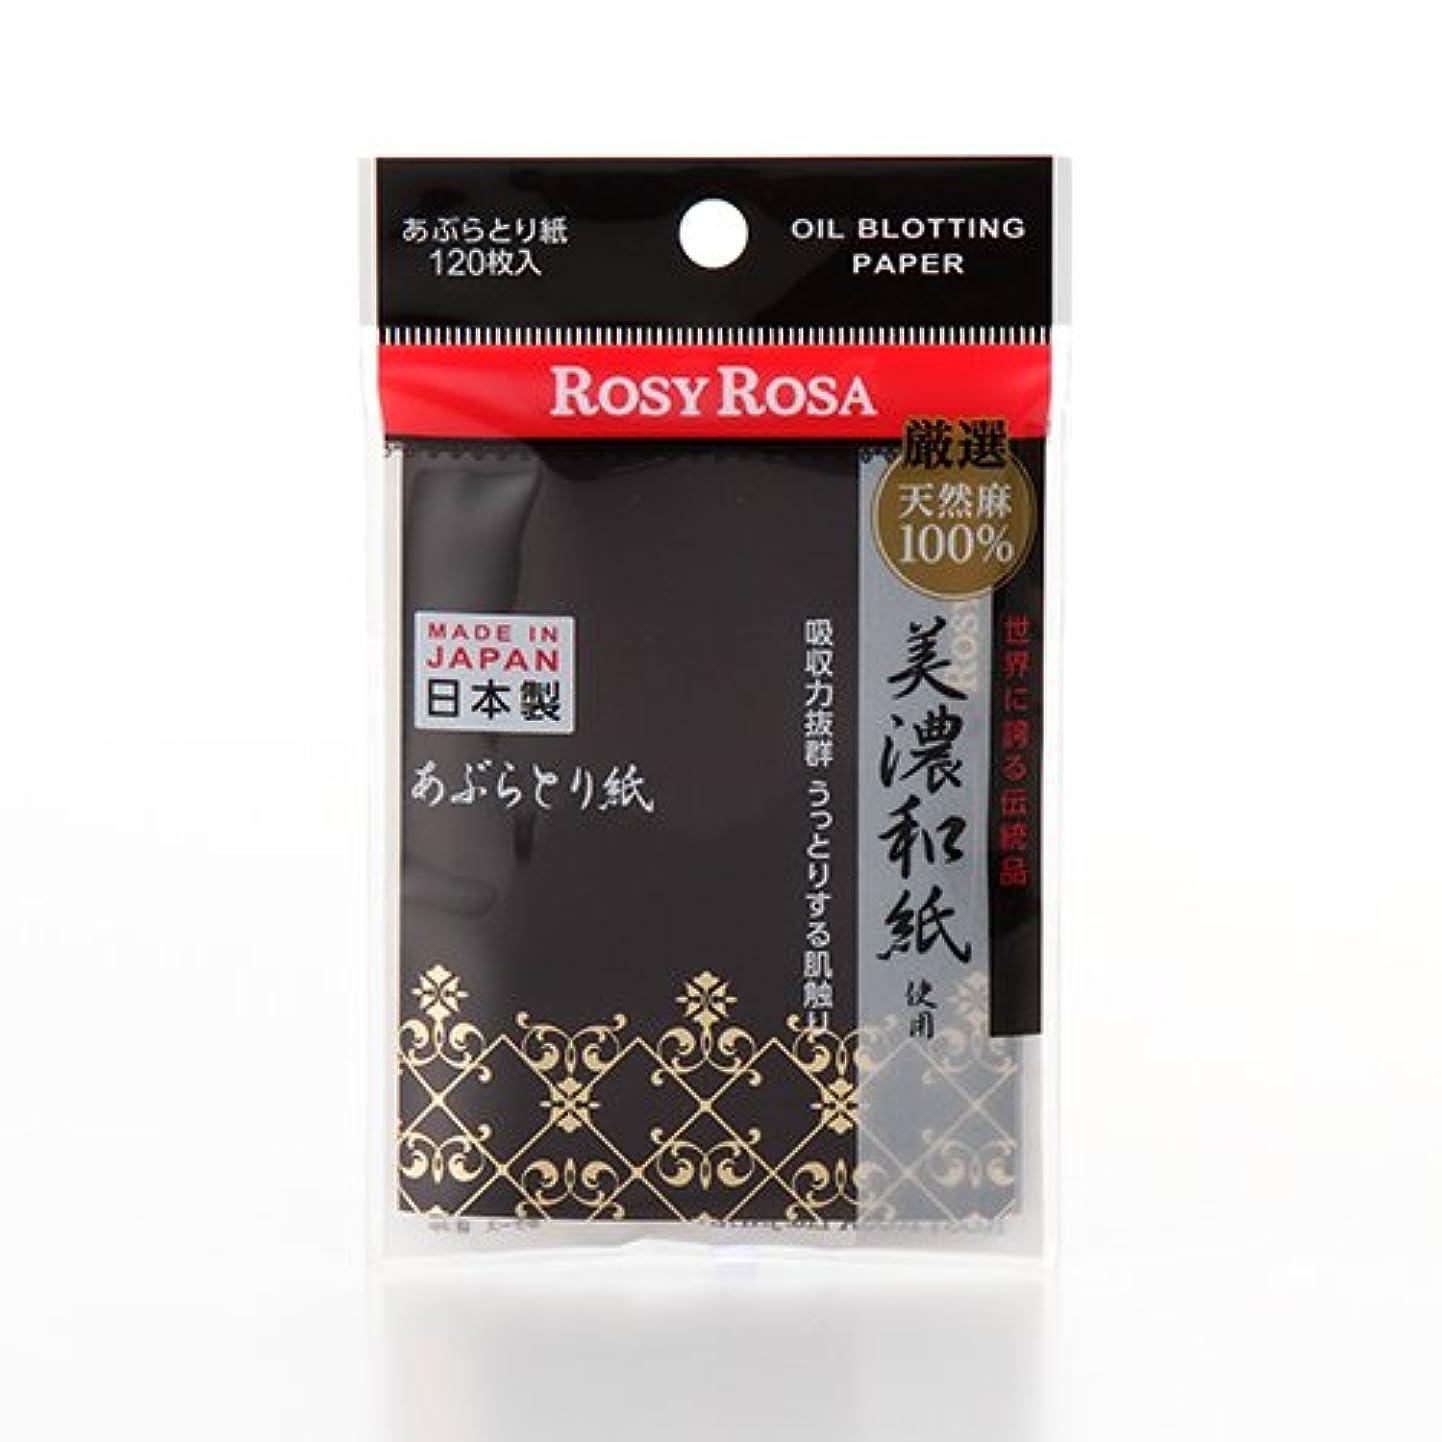 ぺディカブ四分円創始者ロージーローザ 美濃和紙天然麻100%あぶらとり紙(120枚入)